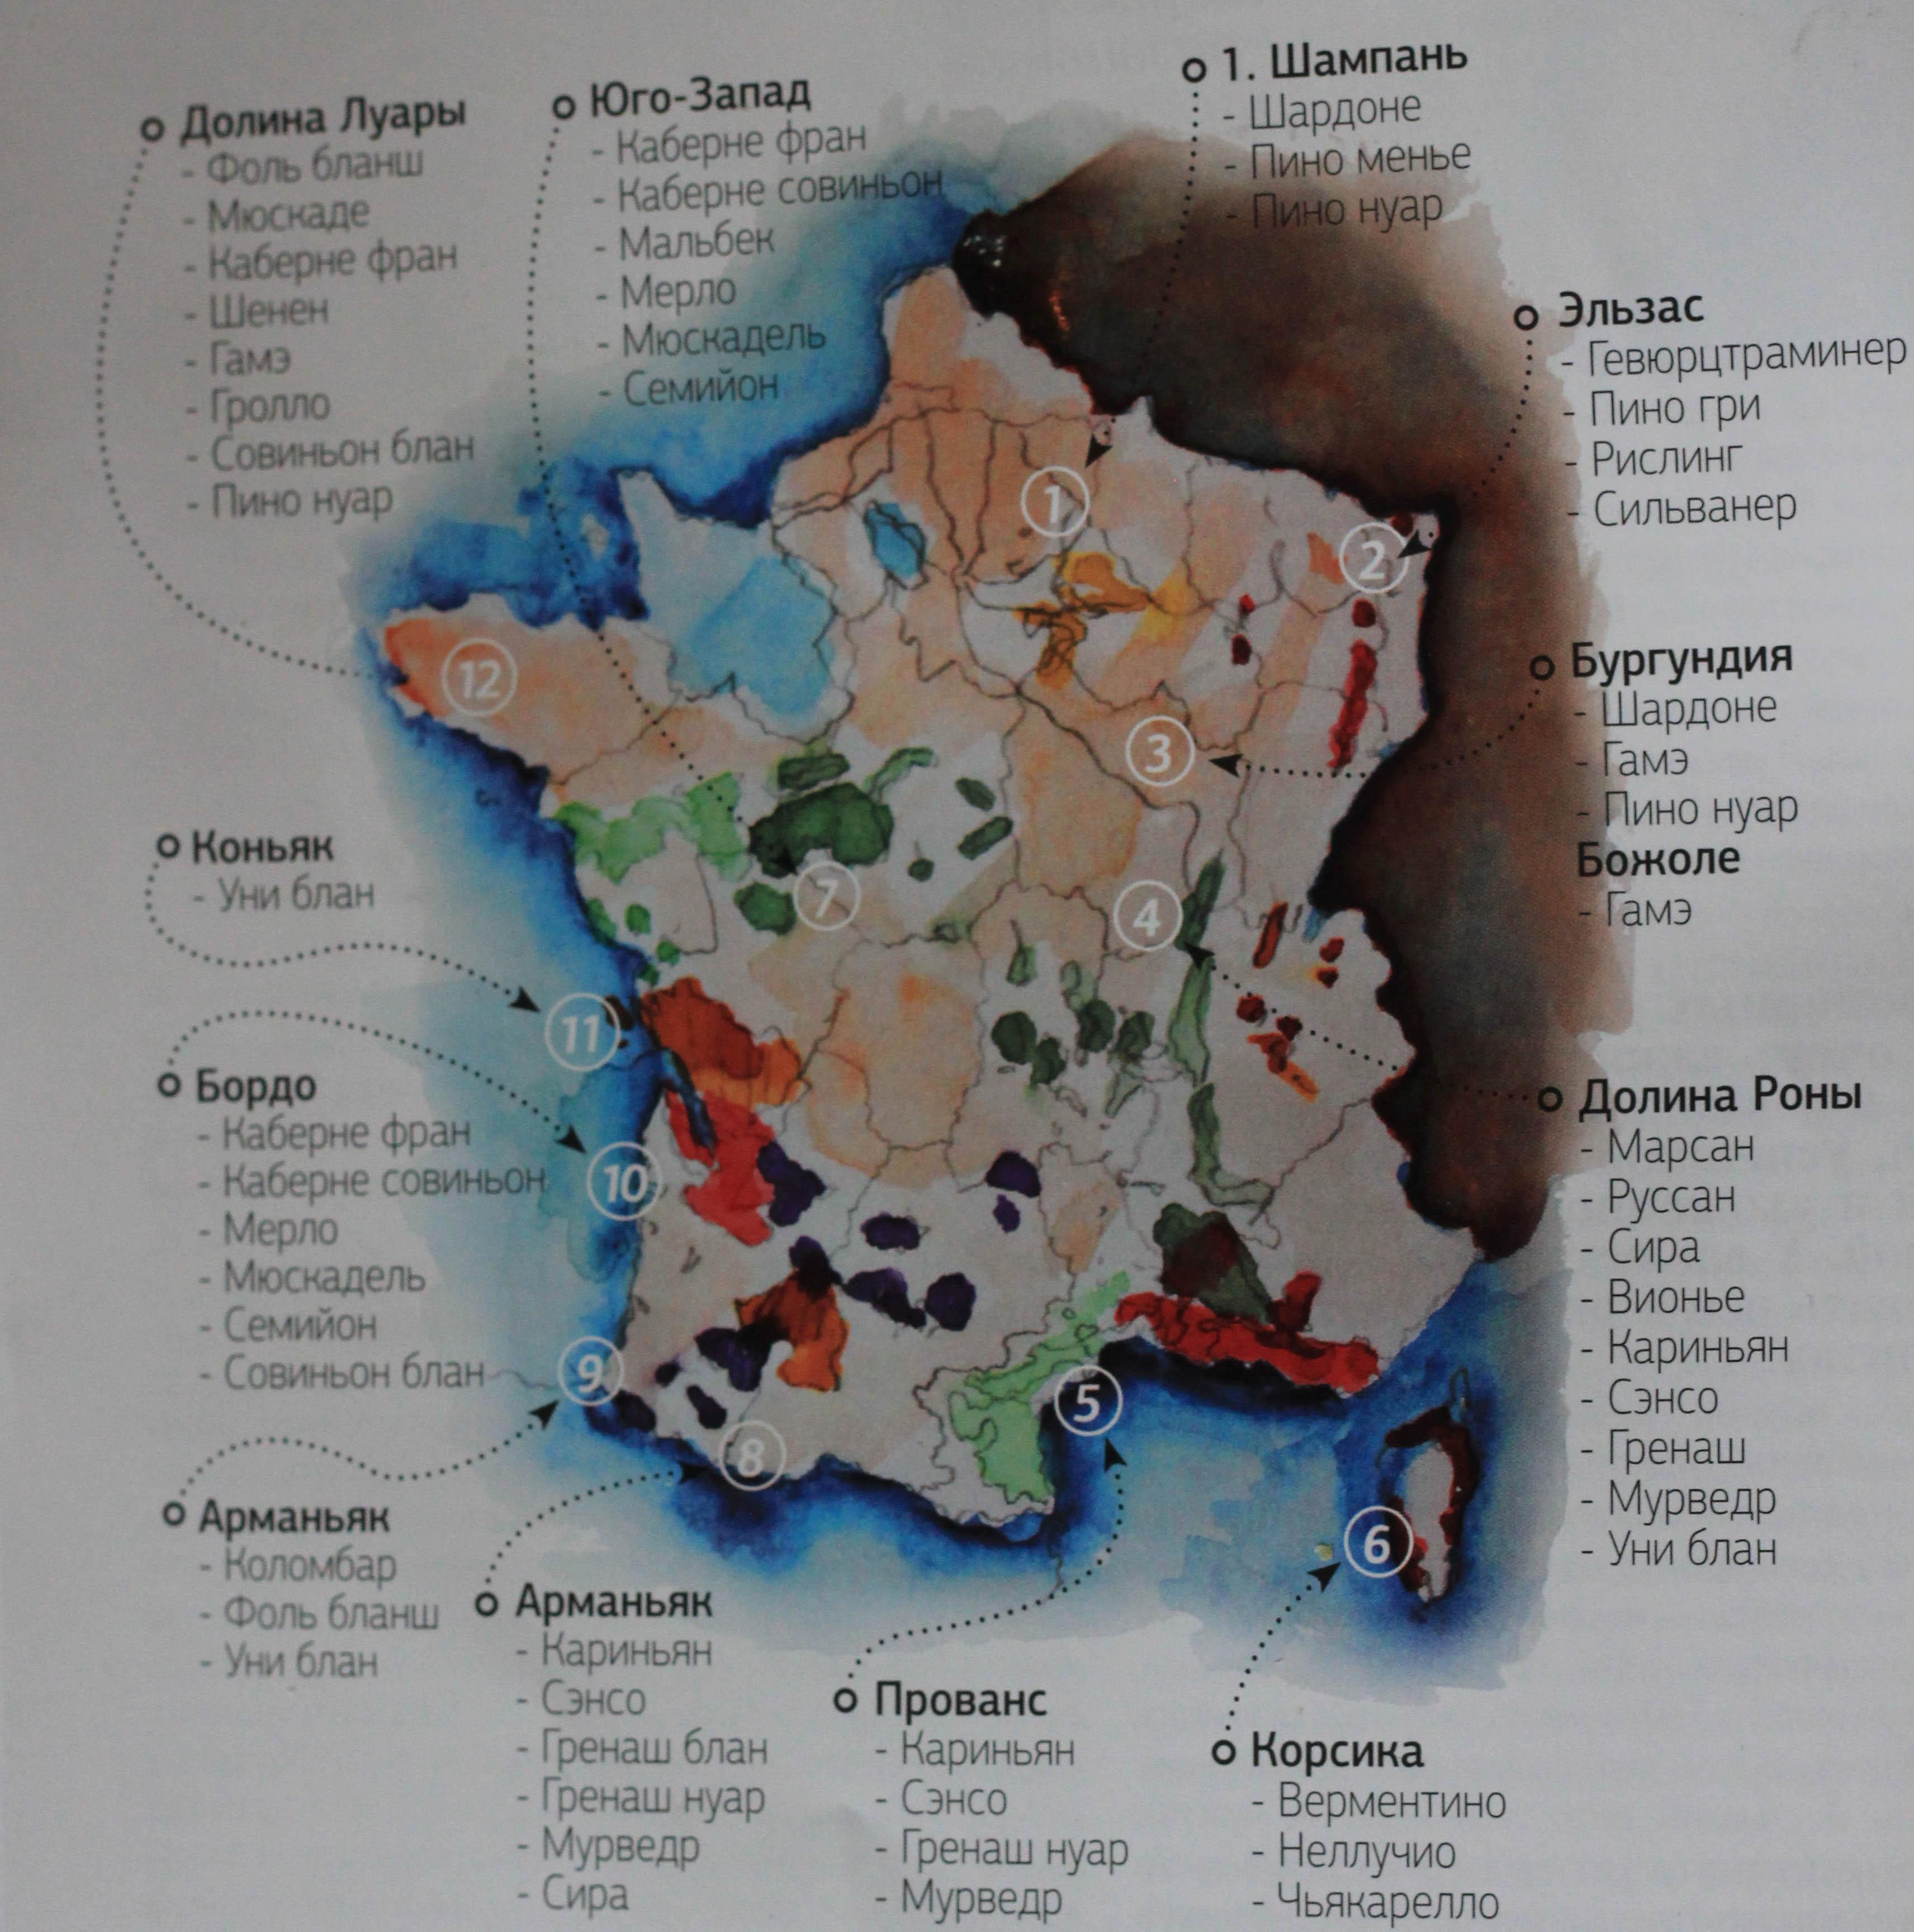 вкусные сорта винограда Франции